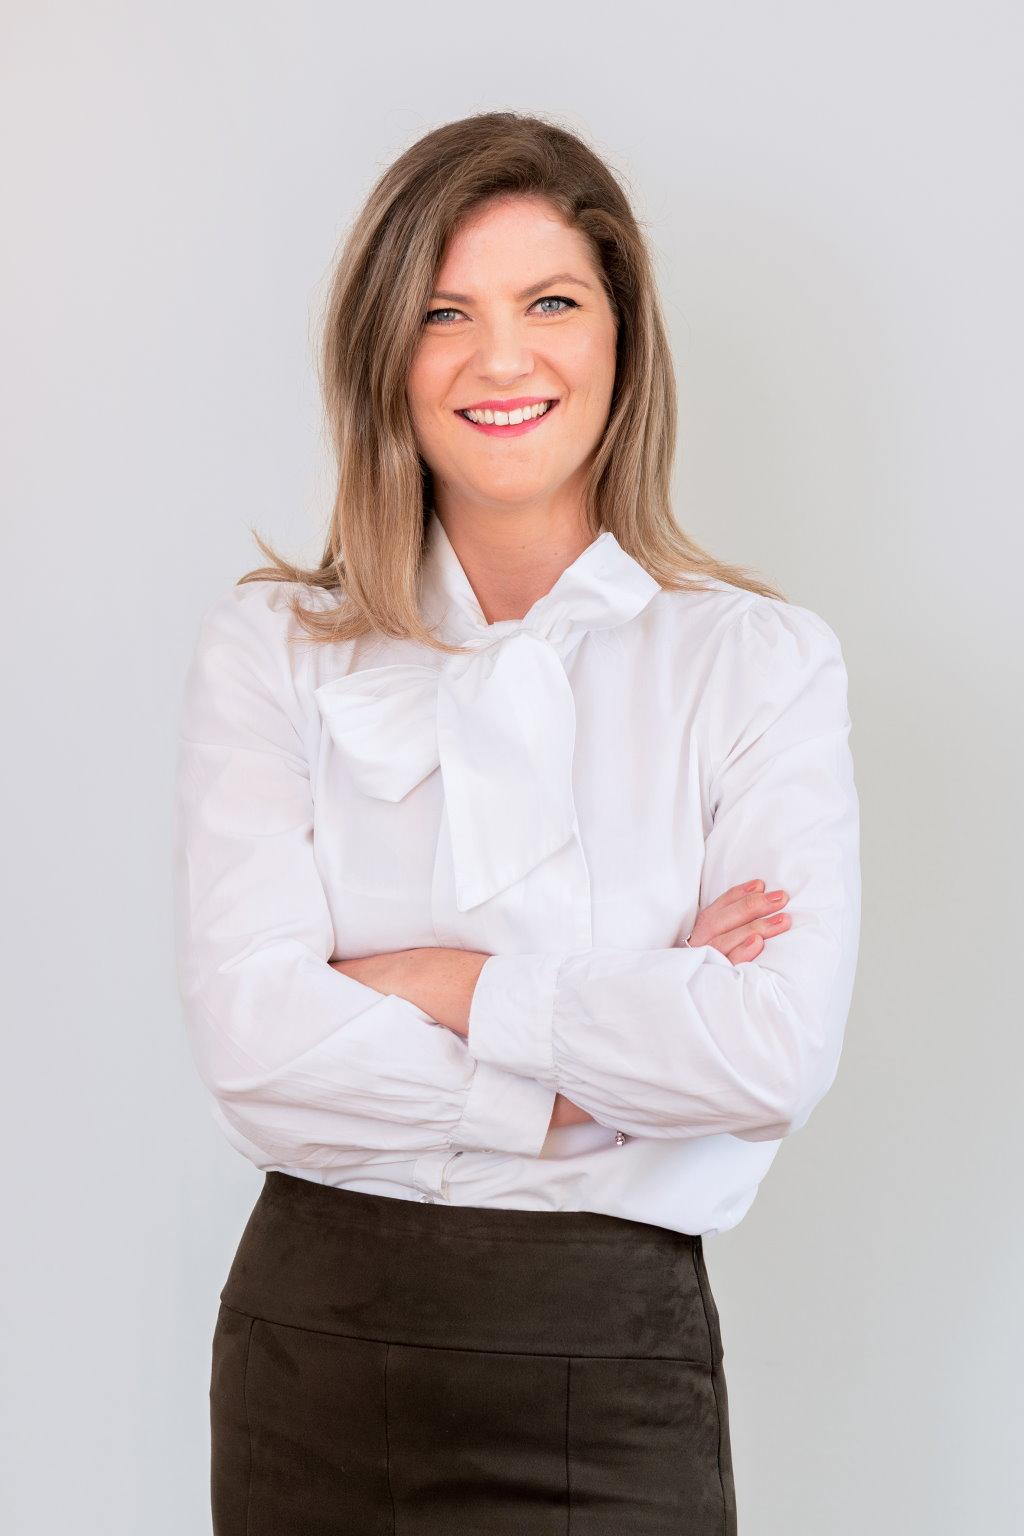 Kelsey Mills, Patient Coordinator